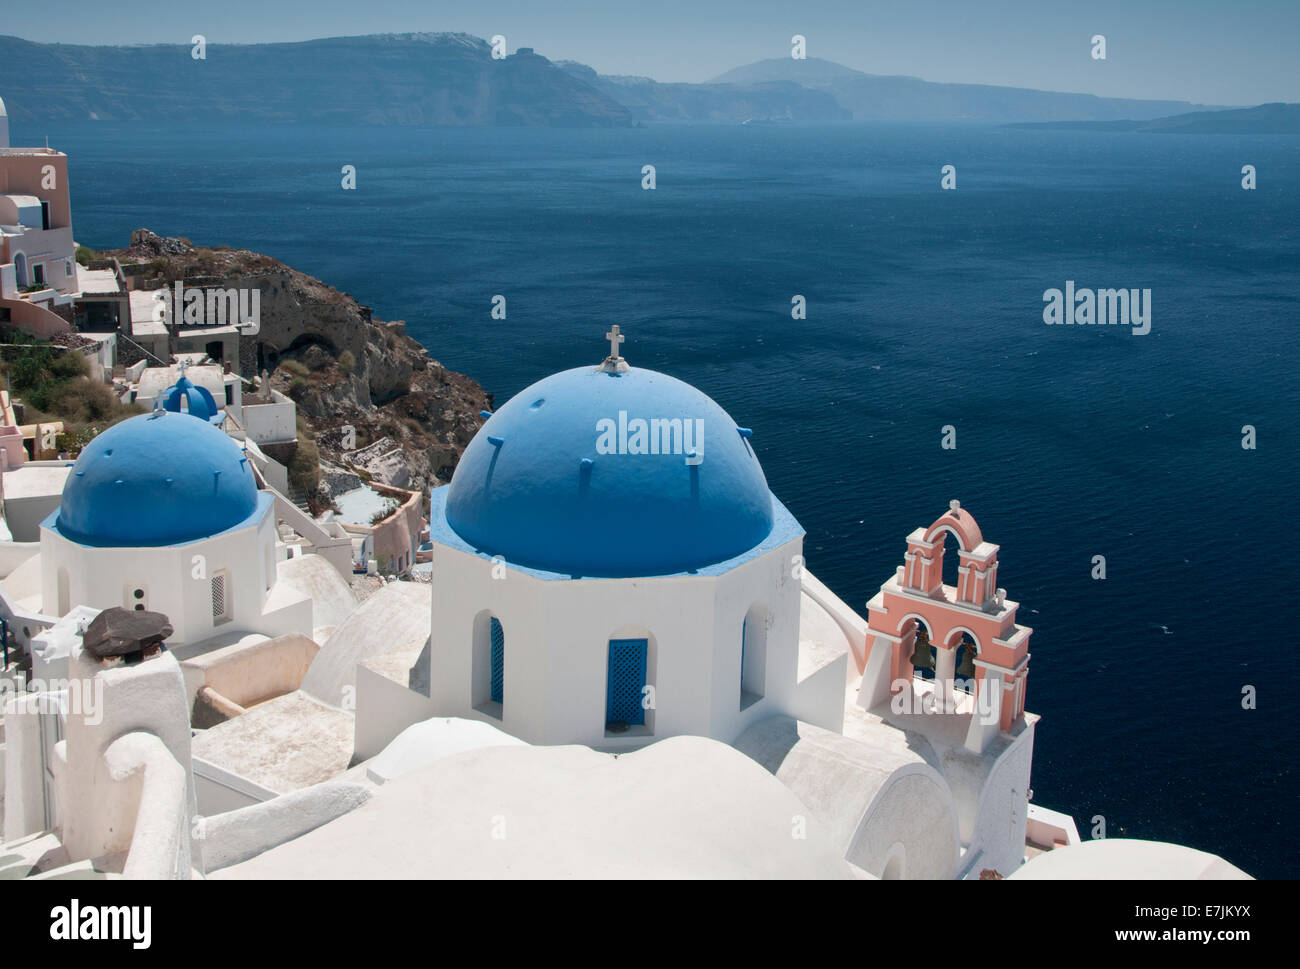 Blauen Kuppelkirchen mit Blick auf die Caldera, Oia, Santorini, Cyclades, griechische Inseln, Griechenland, Europa Stockbild